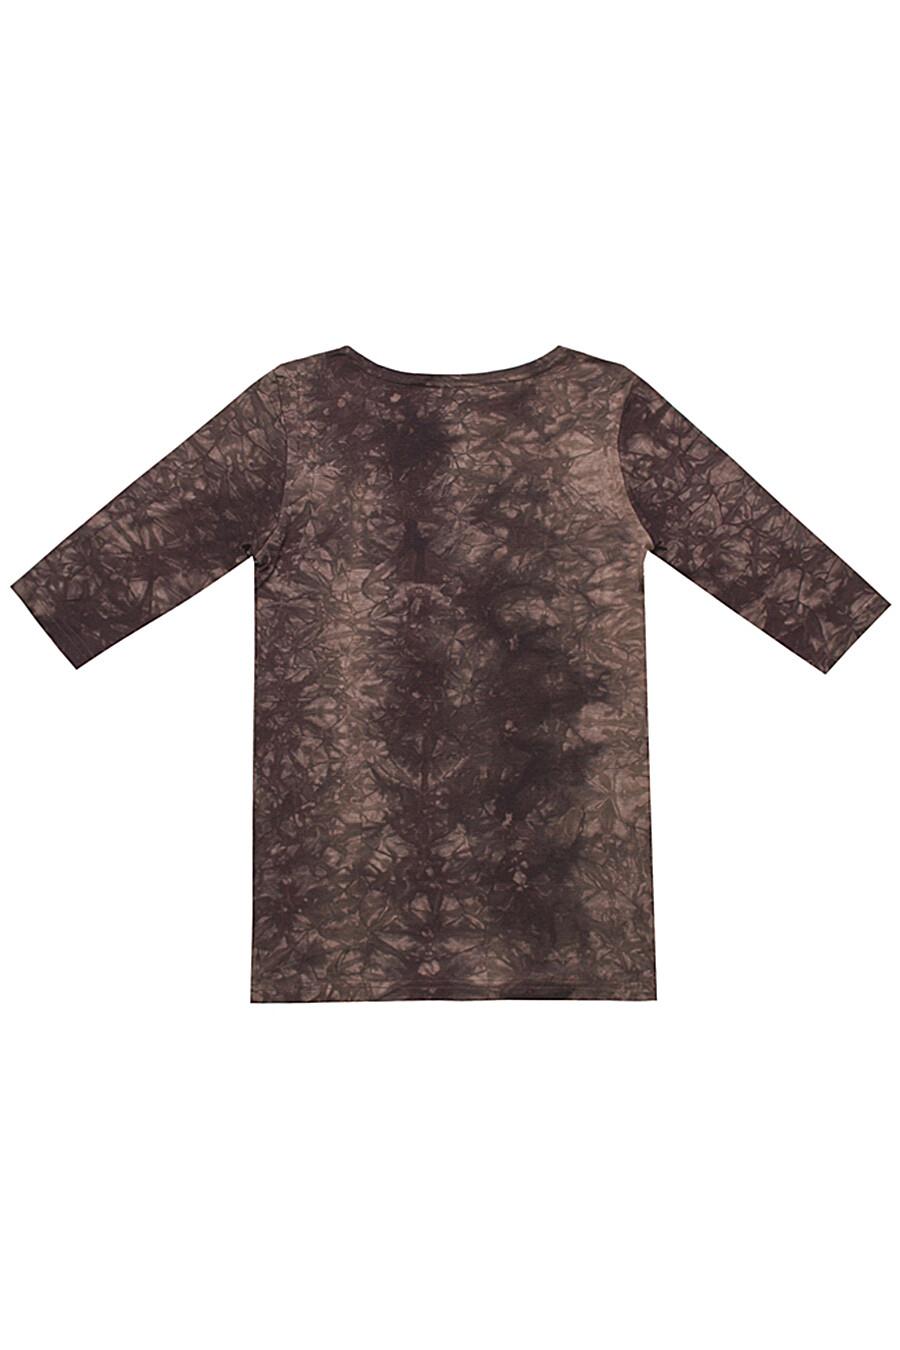 Джемпер для женщин Archi 131406 купить оптом от производителя. Совместная покупка женской одежды в OptMoyo